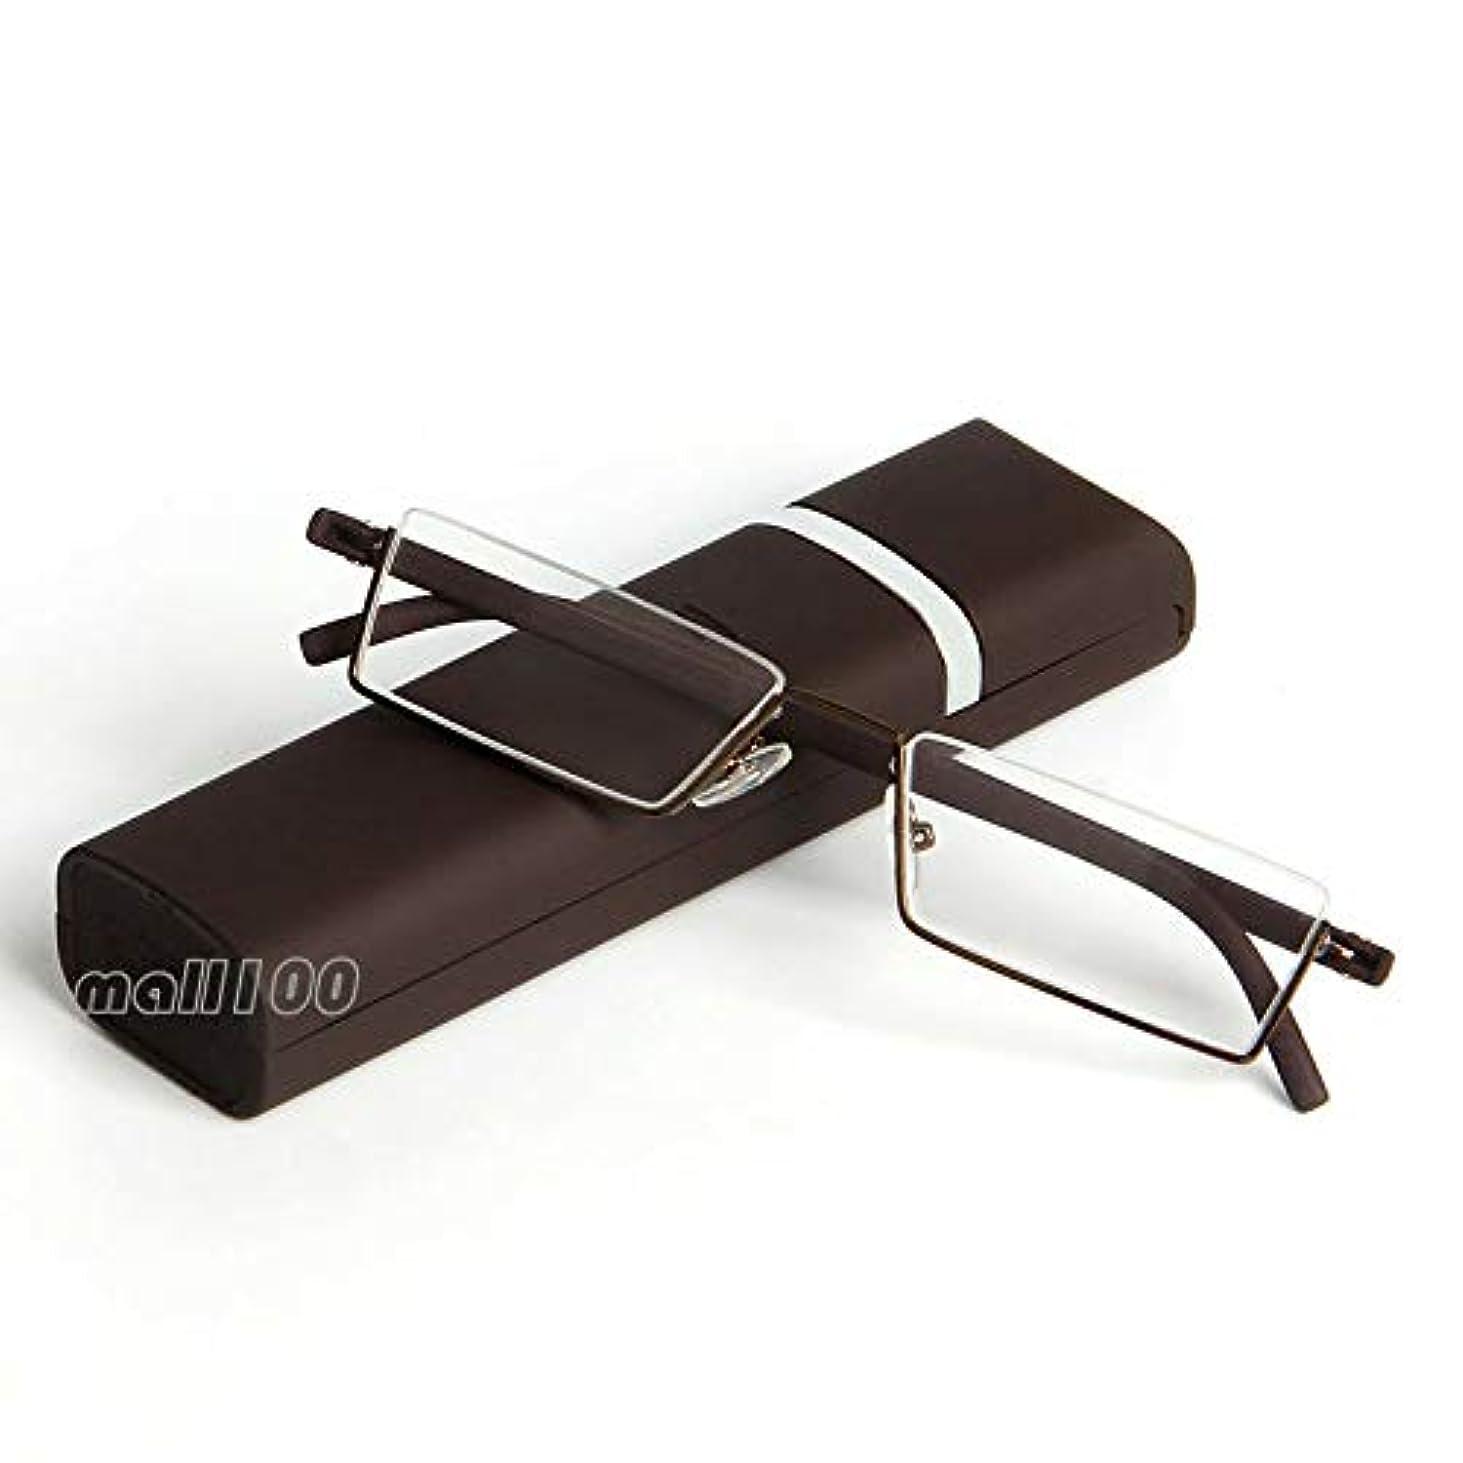 おとうさん口一族FidgetGear 高齢者の箱のためのフレームと高品質ブルーユニセックス弾性老眼鏡 褐色